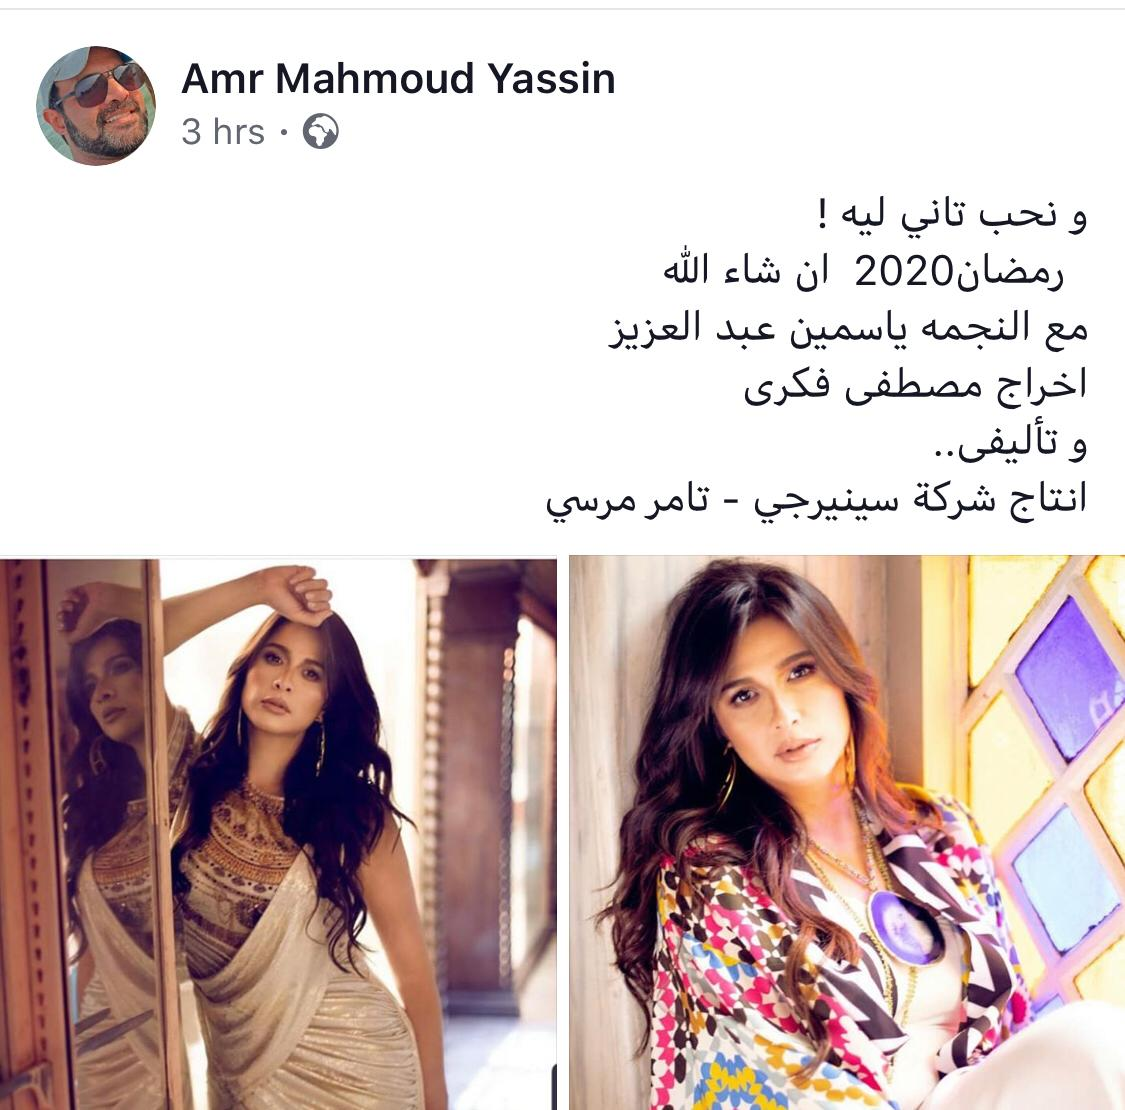 ونحب تانى ليه اسم مسلسل ياسمين عبد العزيز رمضان المقبل اليوم السابع